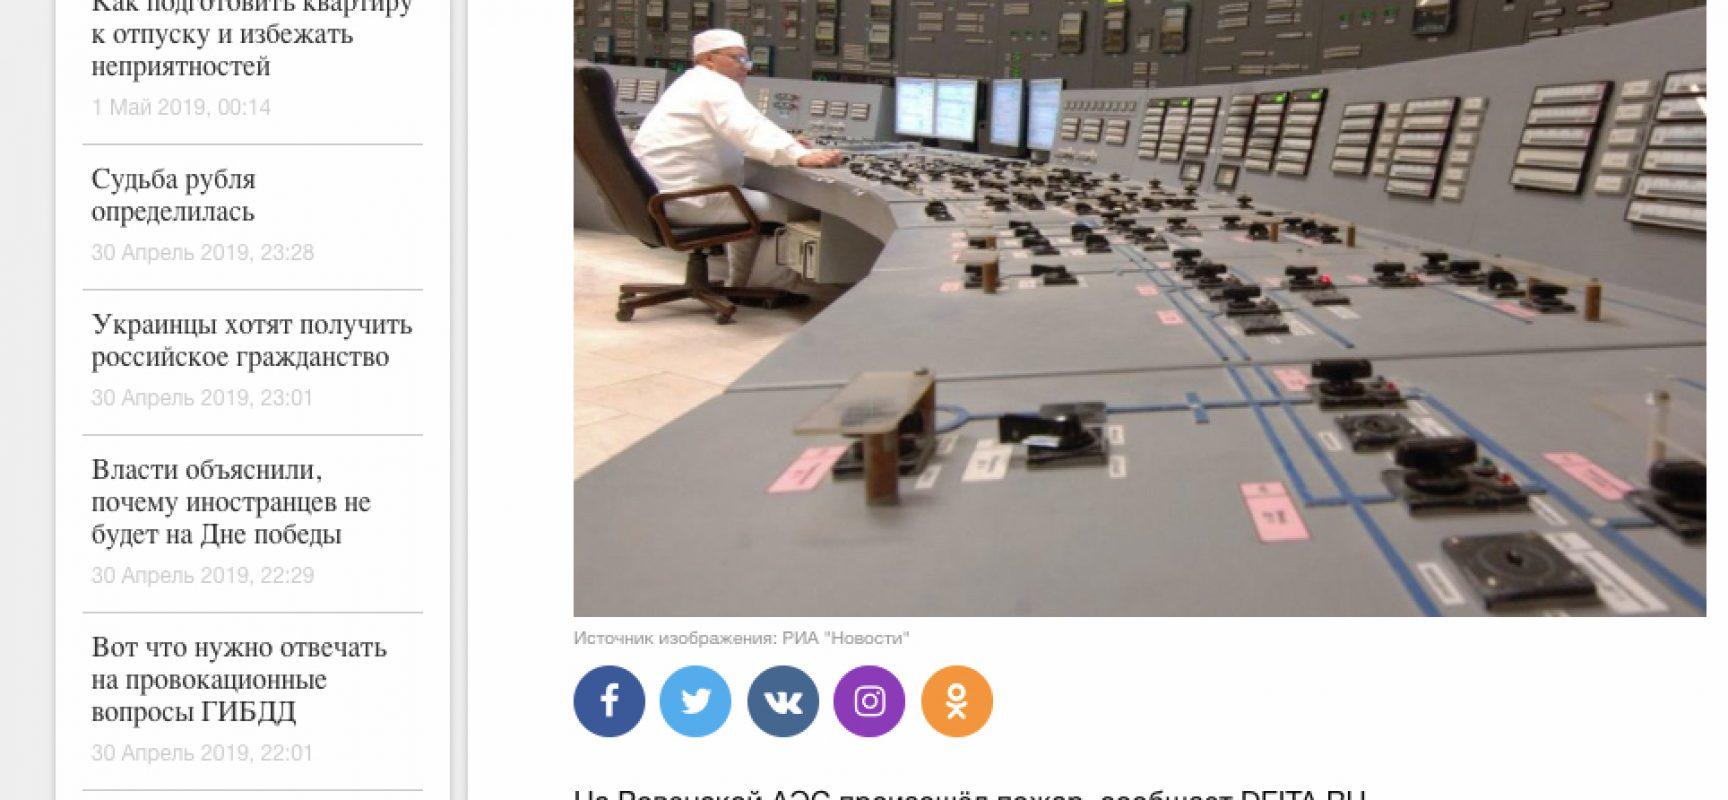 Манипуляция: В Украине едва не повторился Чернобыль